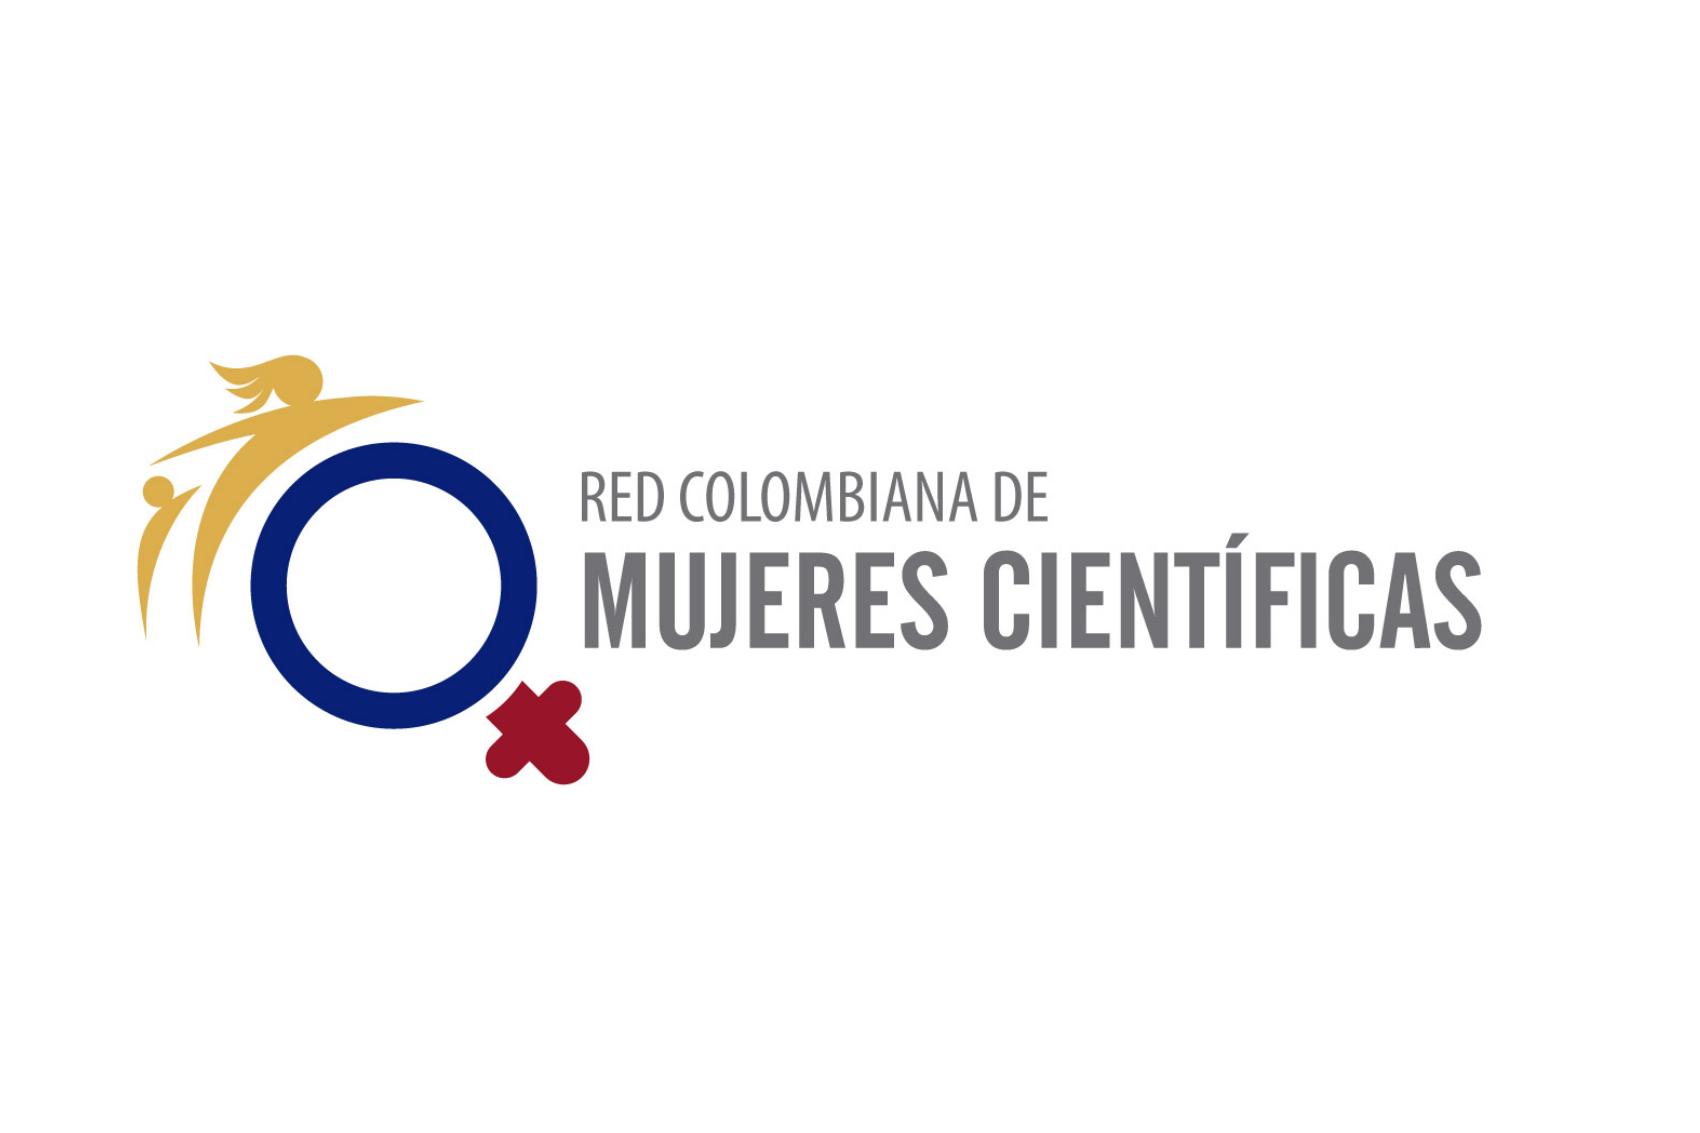 Convocatoria pasantía apoyo logístico 2018-I (Red                   Colombiana de Mujeres Científicas)